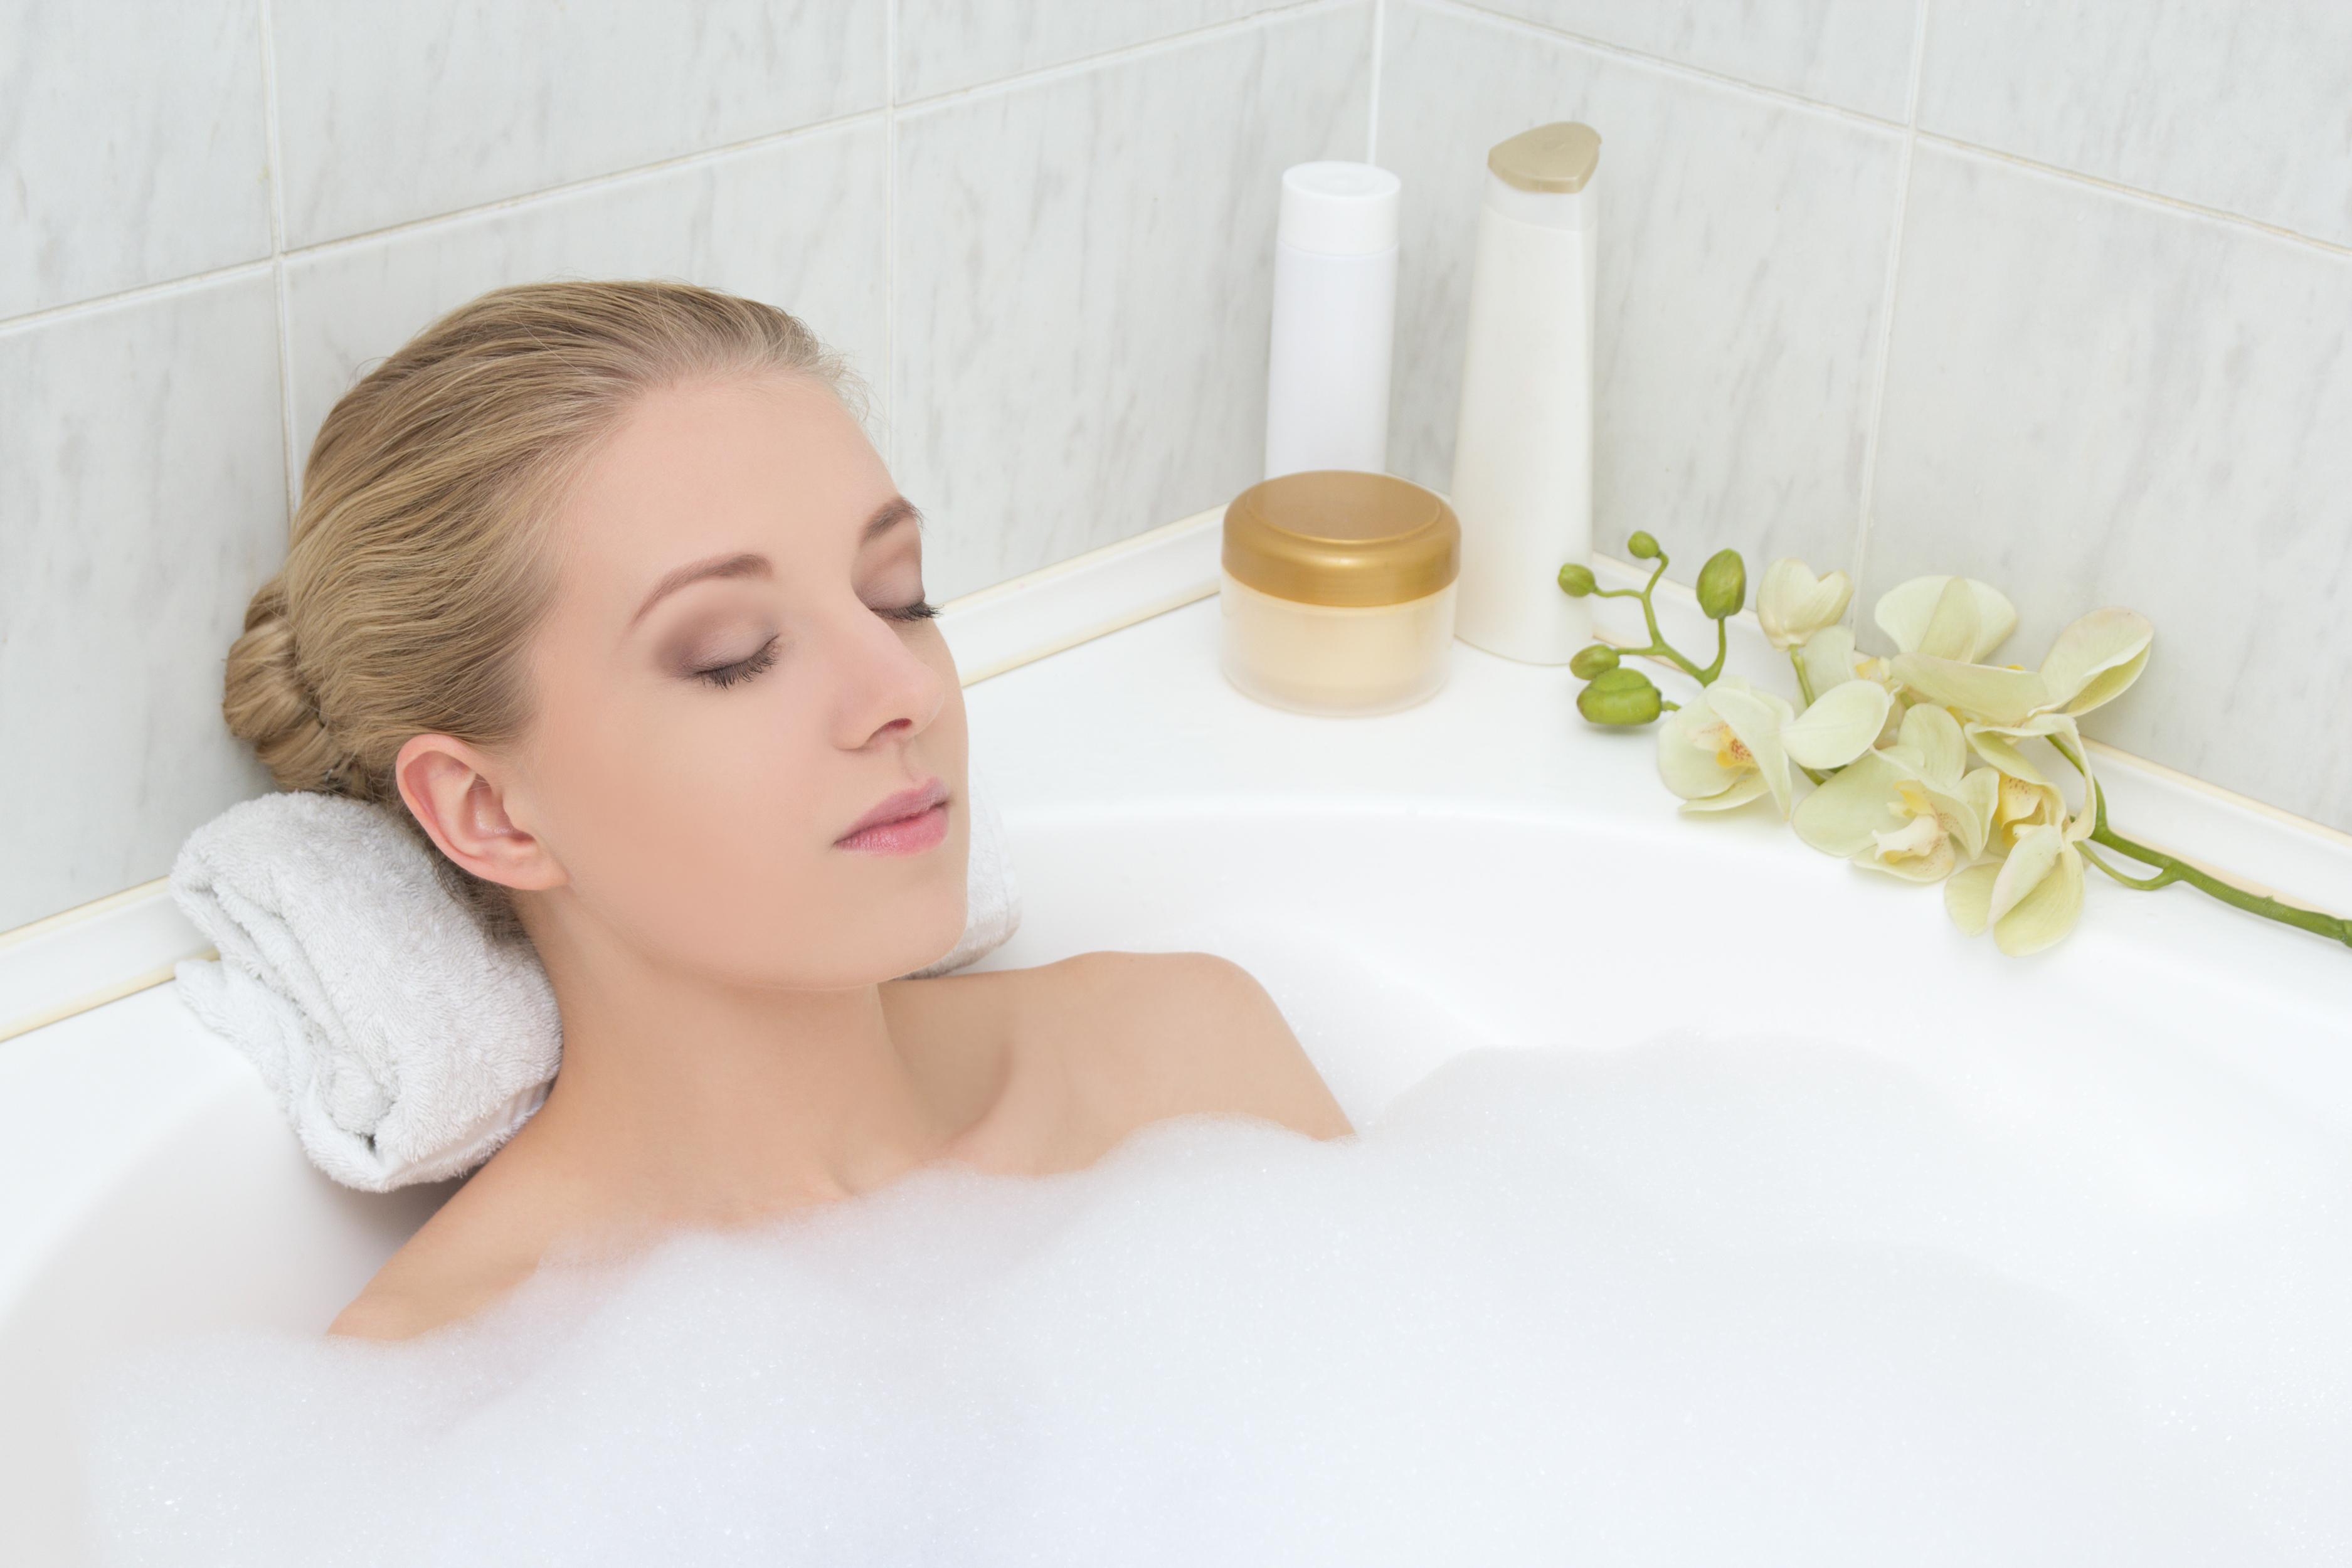 girl-in-tub.jpg